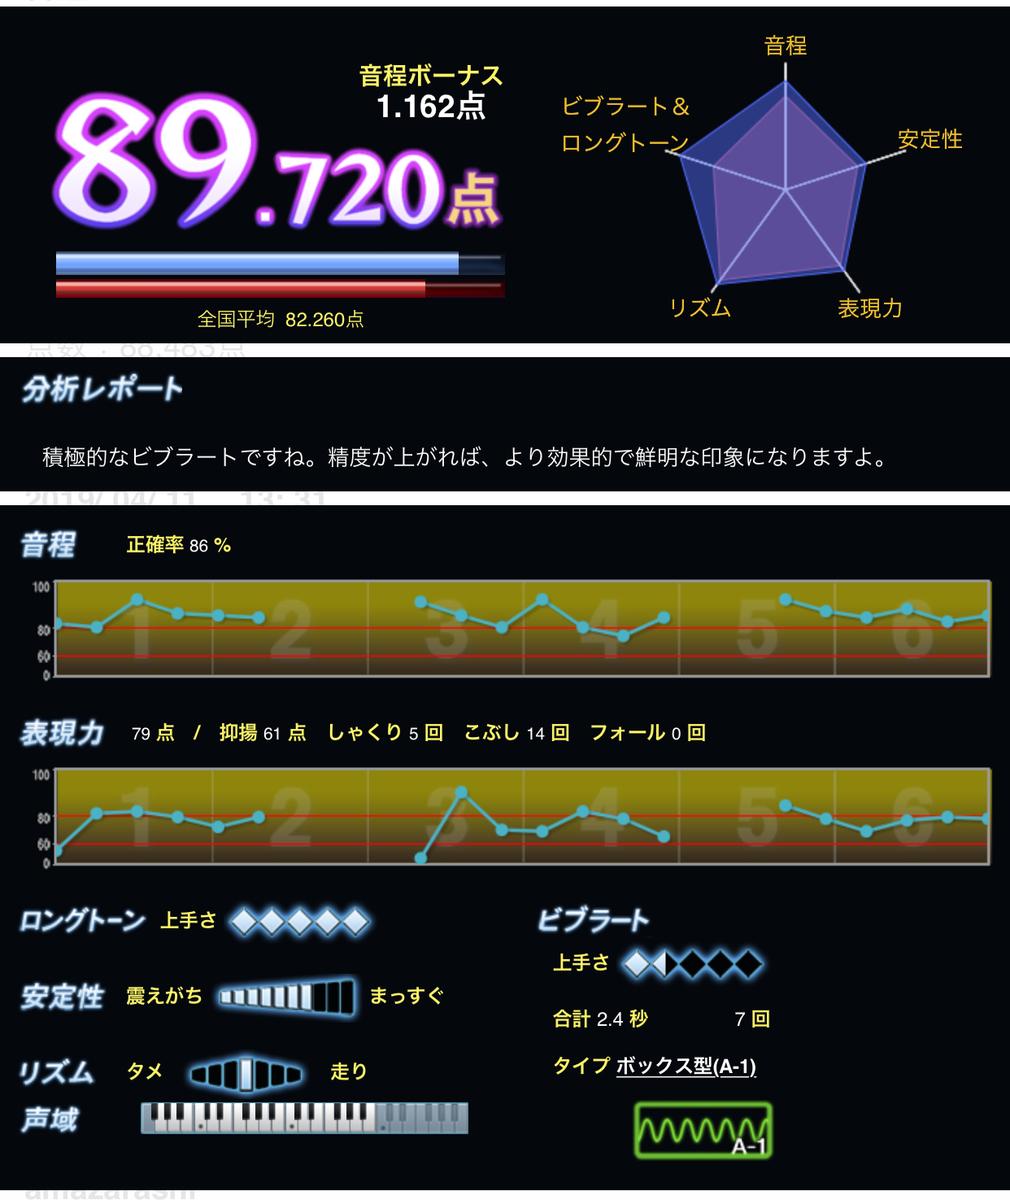 f:id:asamushi:20190412102243j:plain